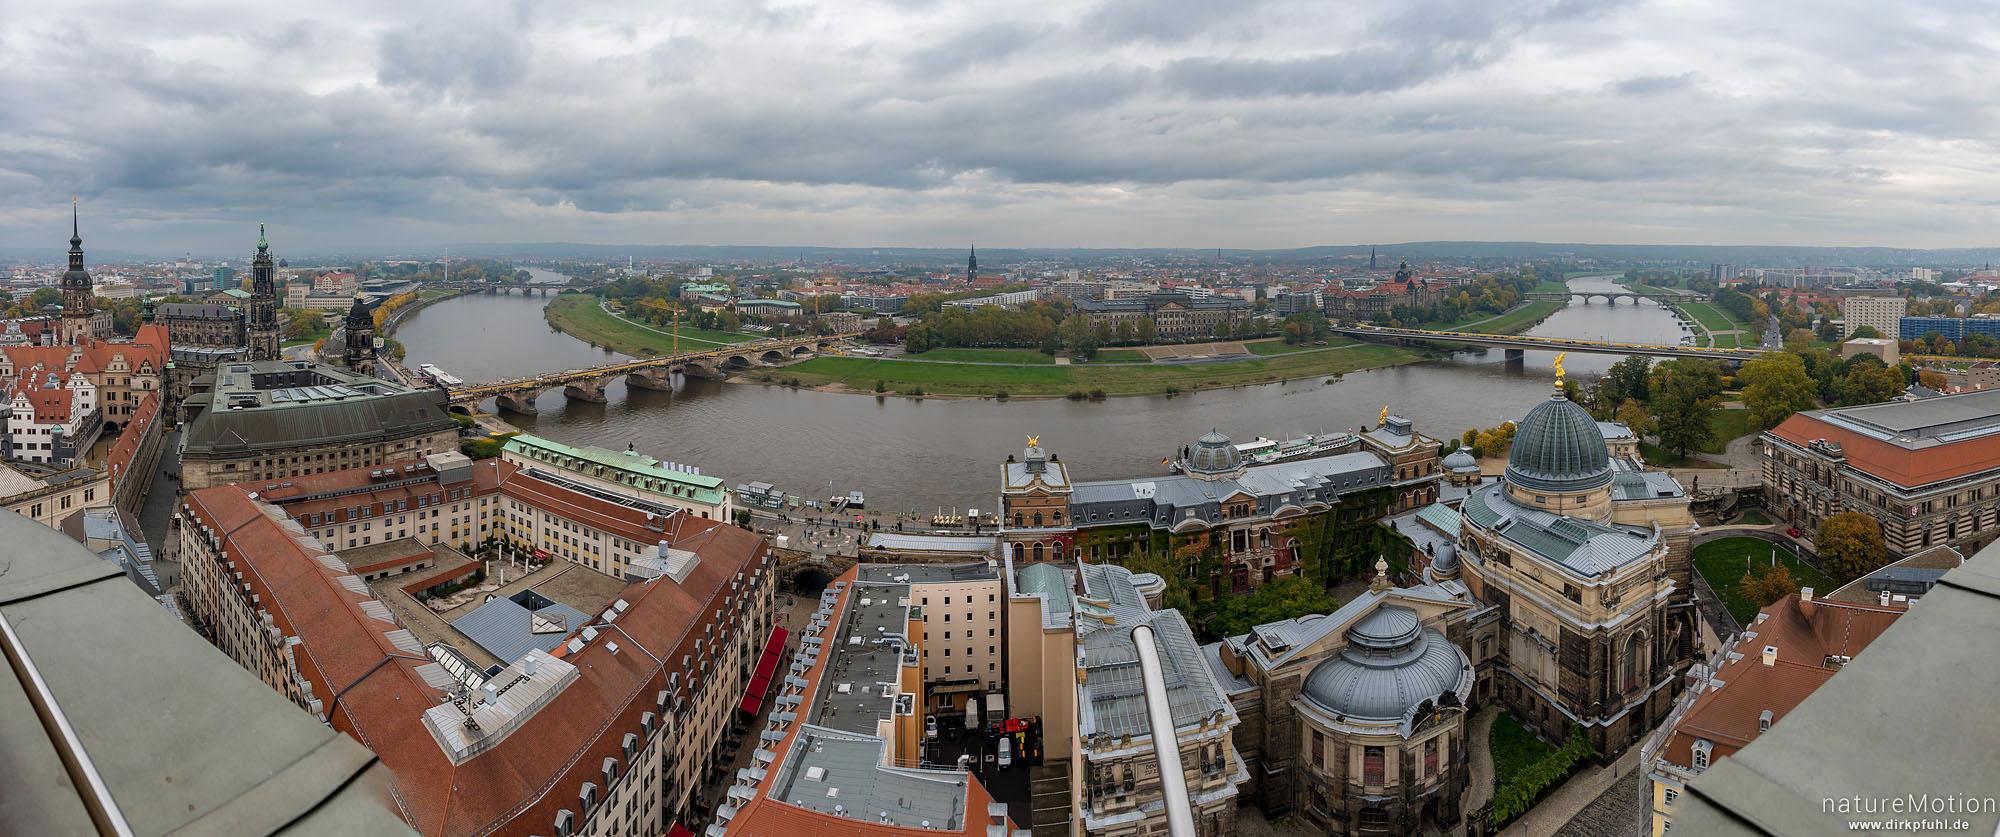 Blick über die Elbe, Elbufer und Innenstadt, Kuppel der Frauenkirche, Dresden, Deutschland